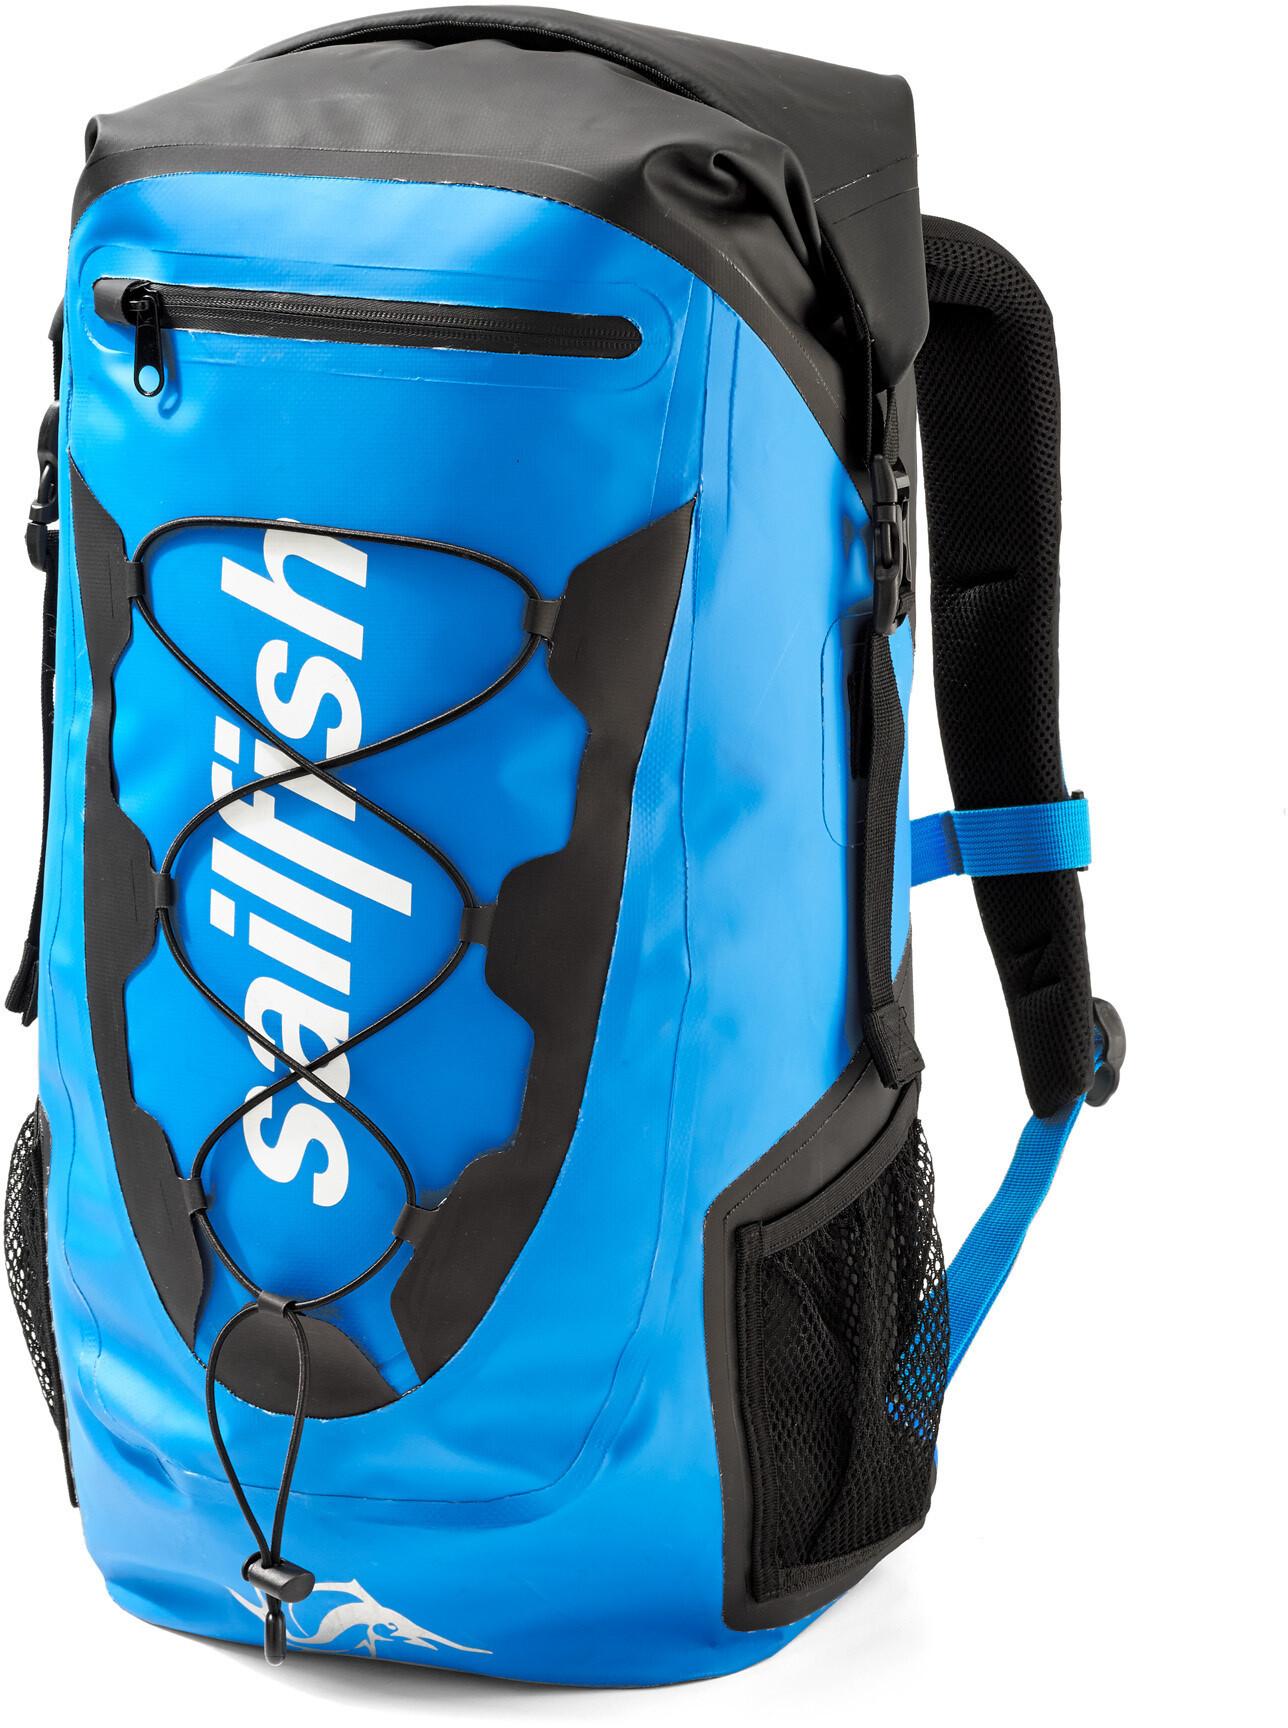 sailfish Barcelona Vandtæt rygsæk, blue | Rygsæk og rejsetasker